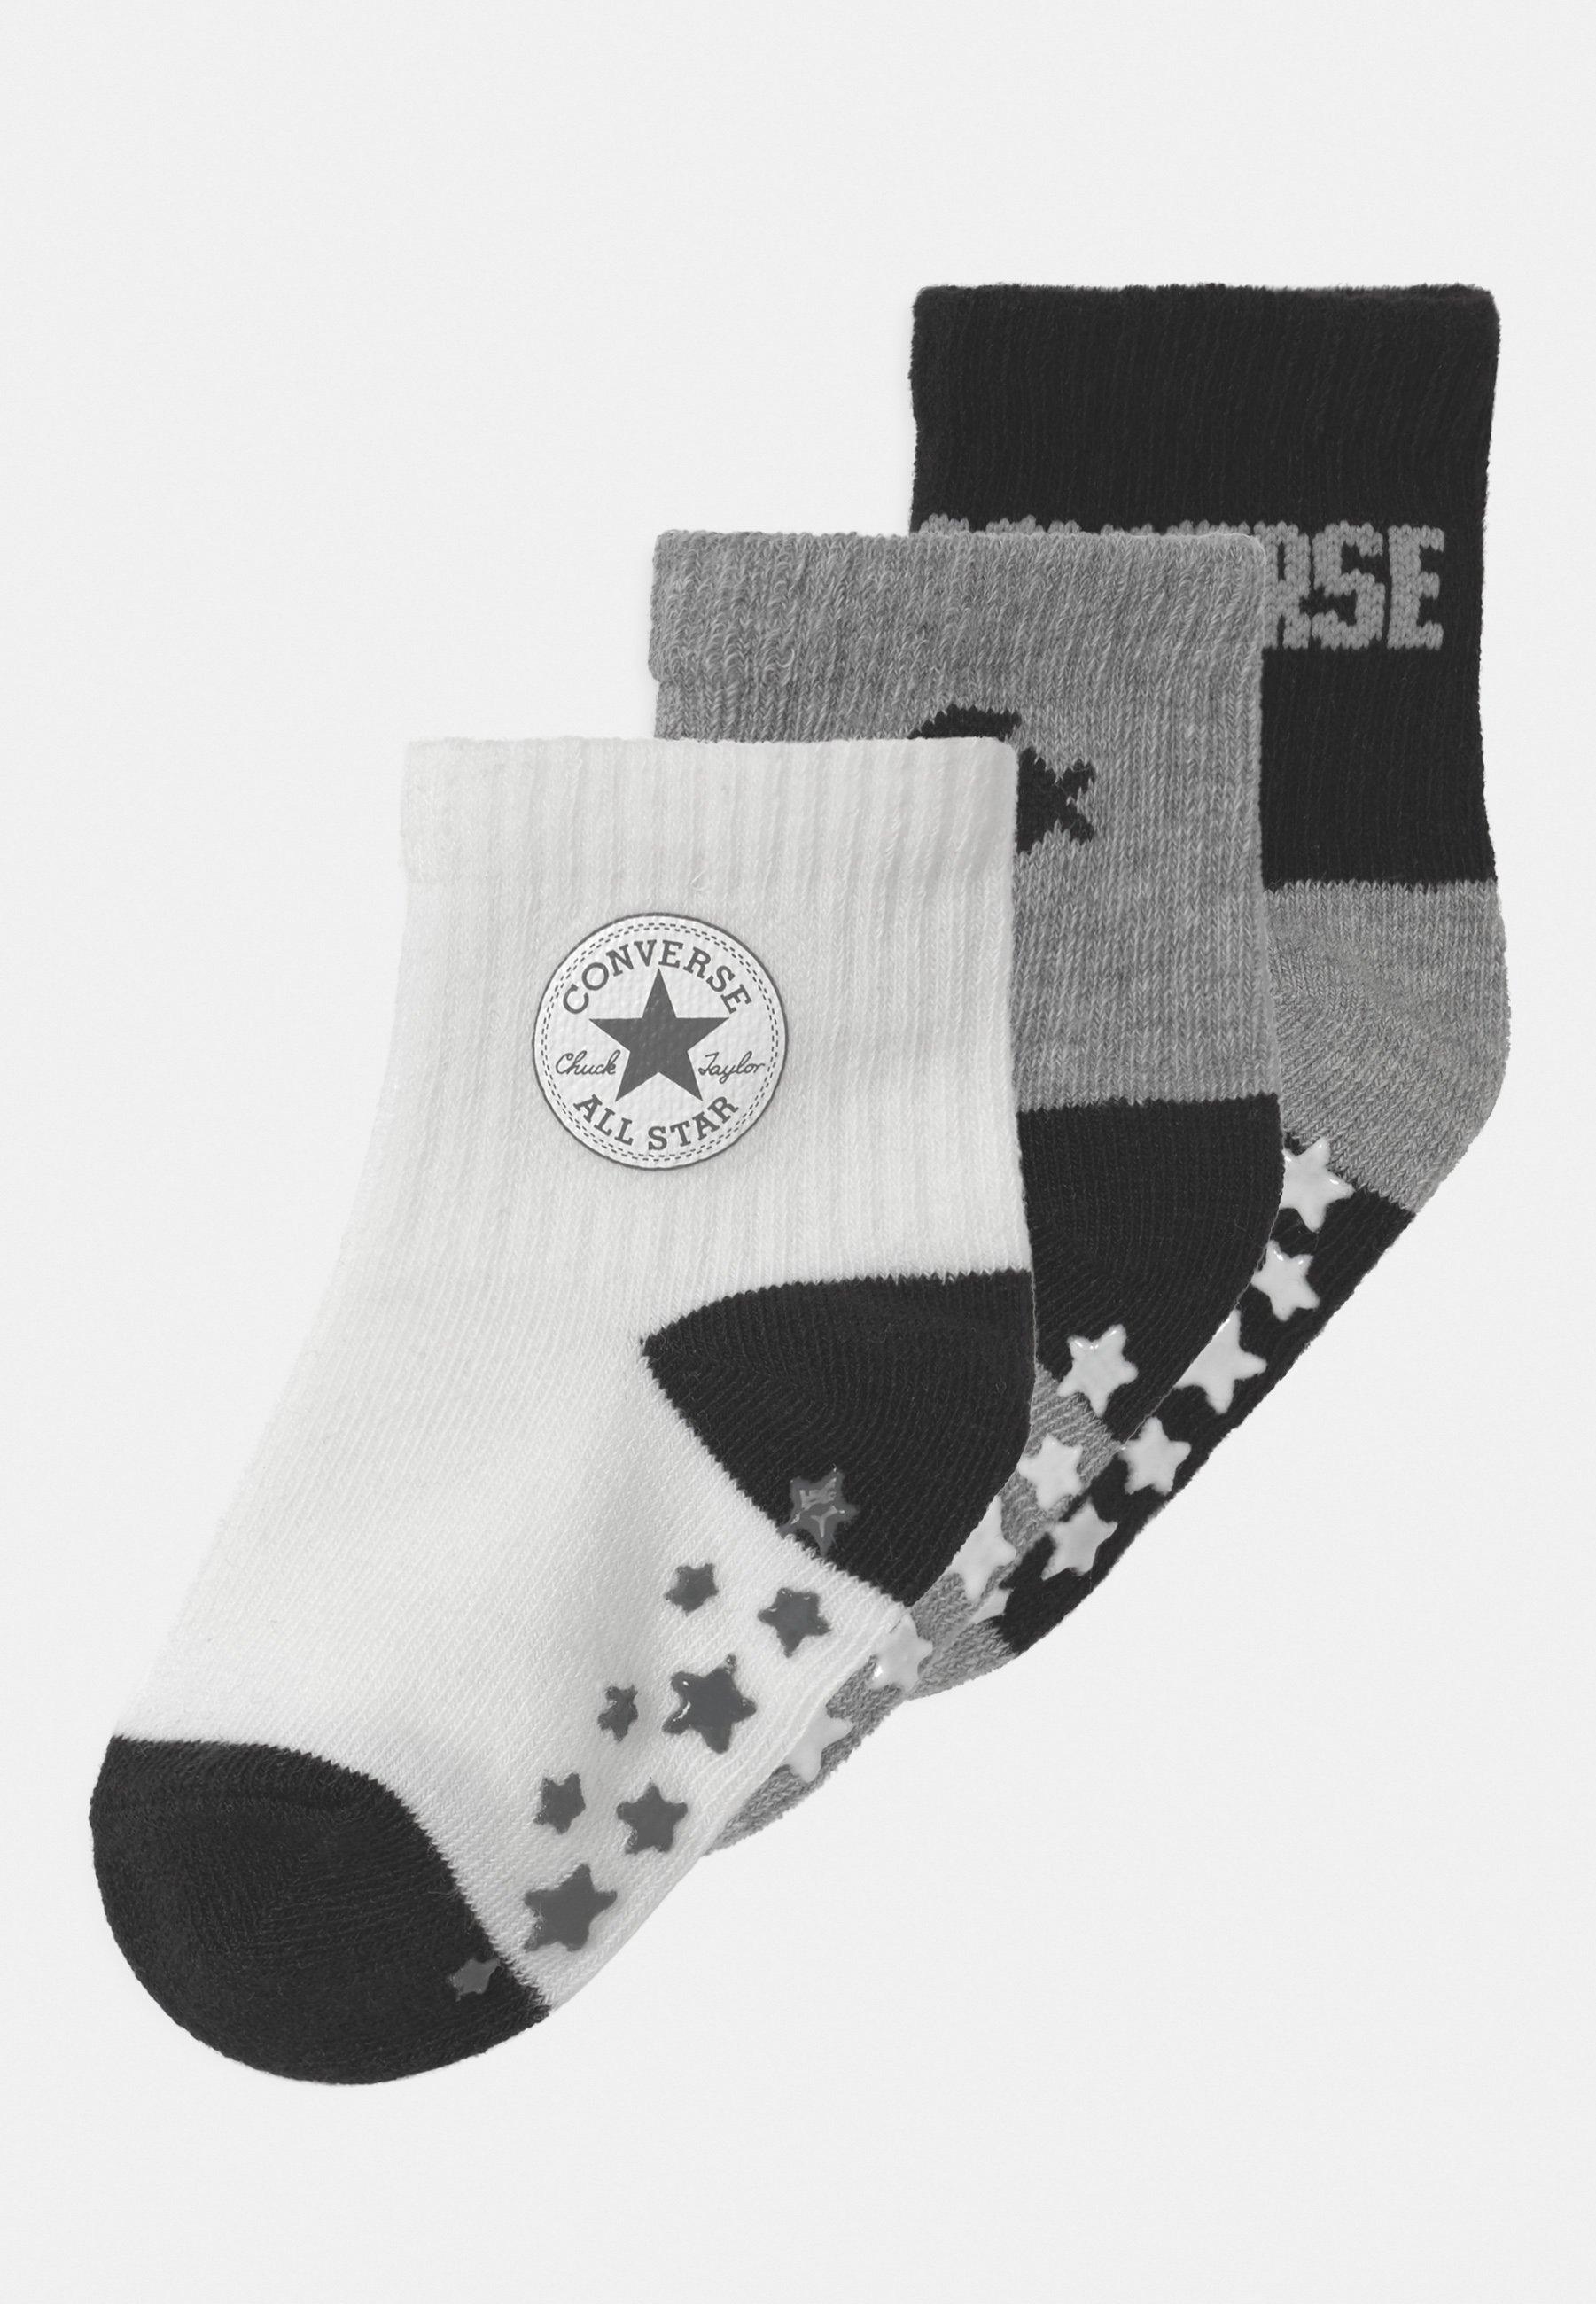 Kinder CONVERSE LOGO INFANT TODDLER QUARTER 3 PACK UNISEX - Socken